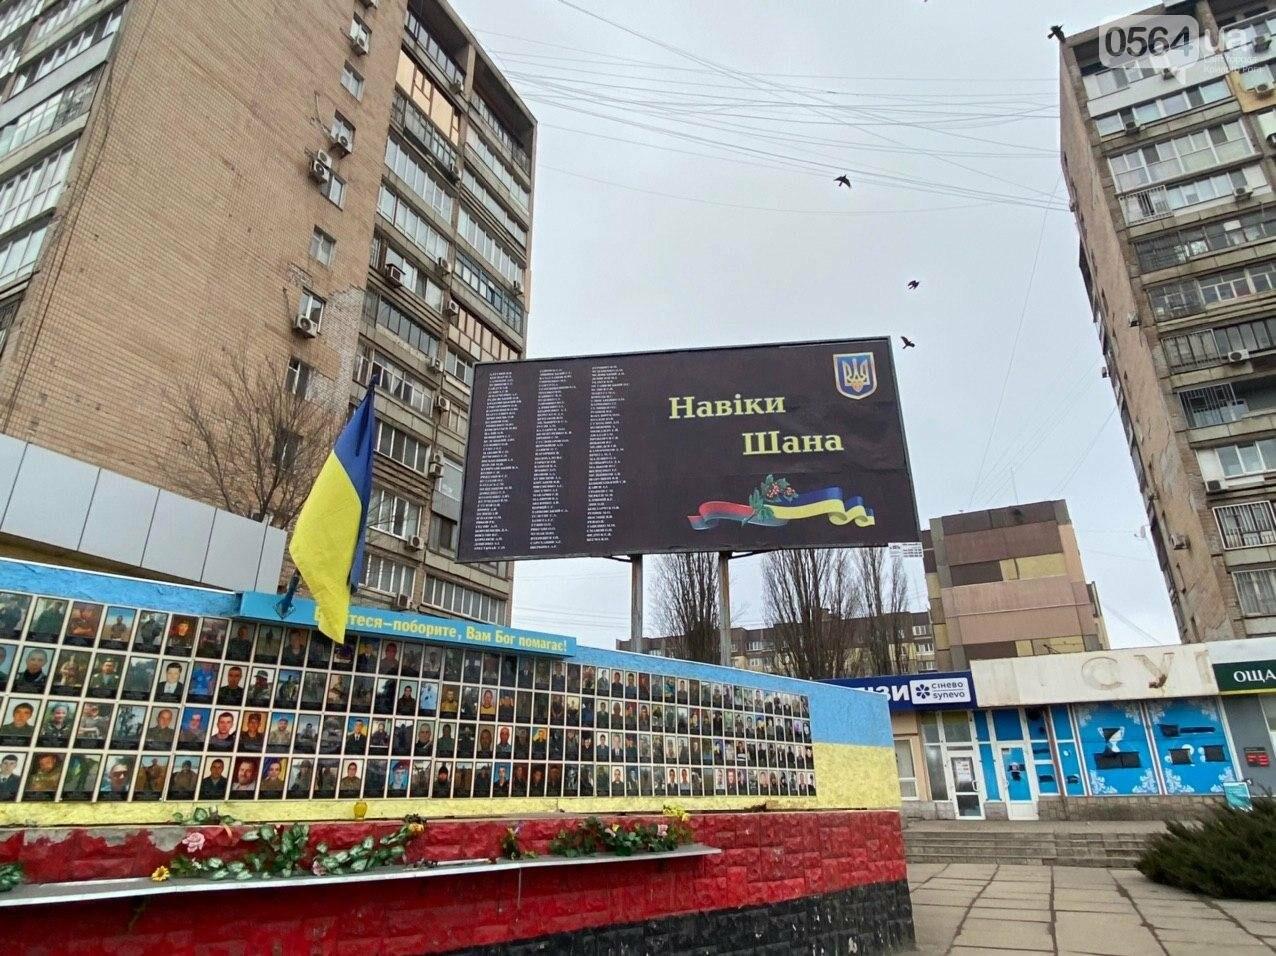 На 95 квартале разместили борд с именами криворожан, погибших в российско-украинской войне, - ФОТО , фото-11